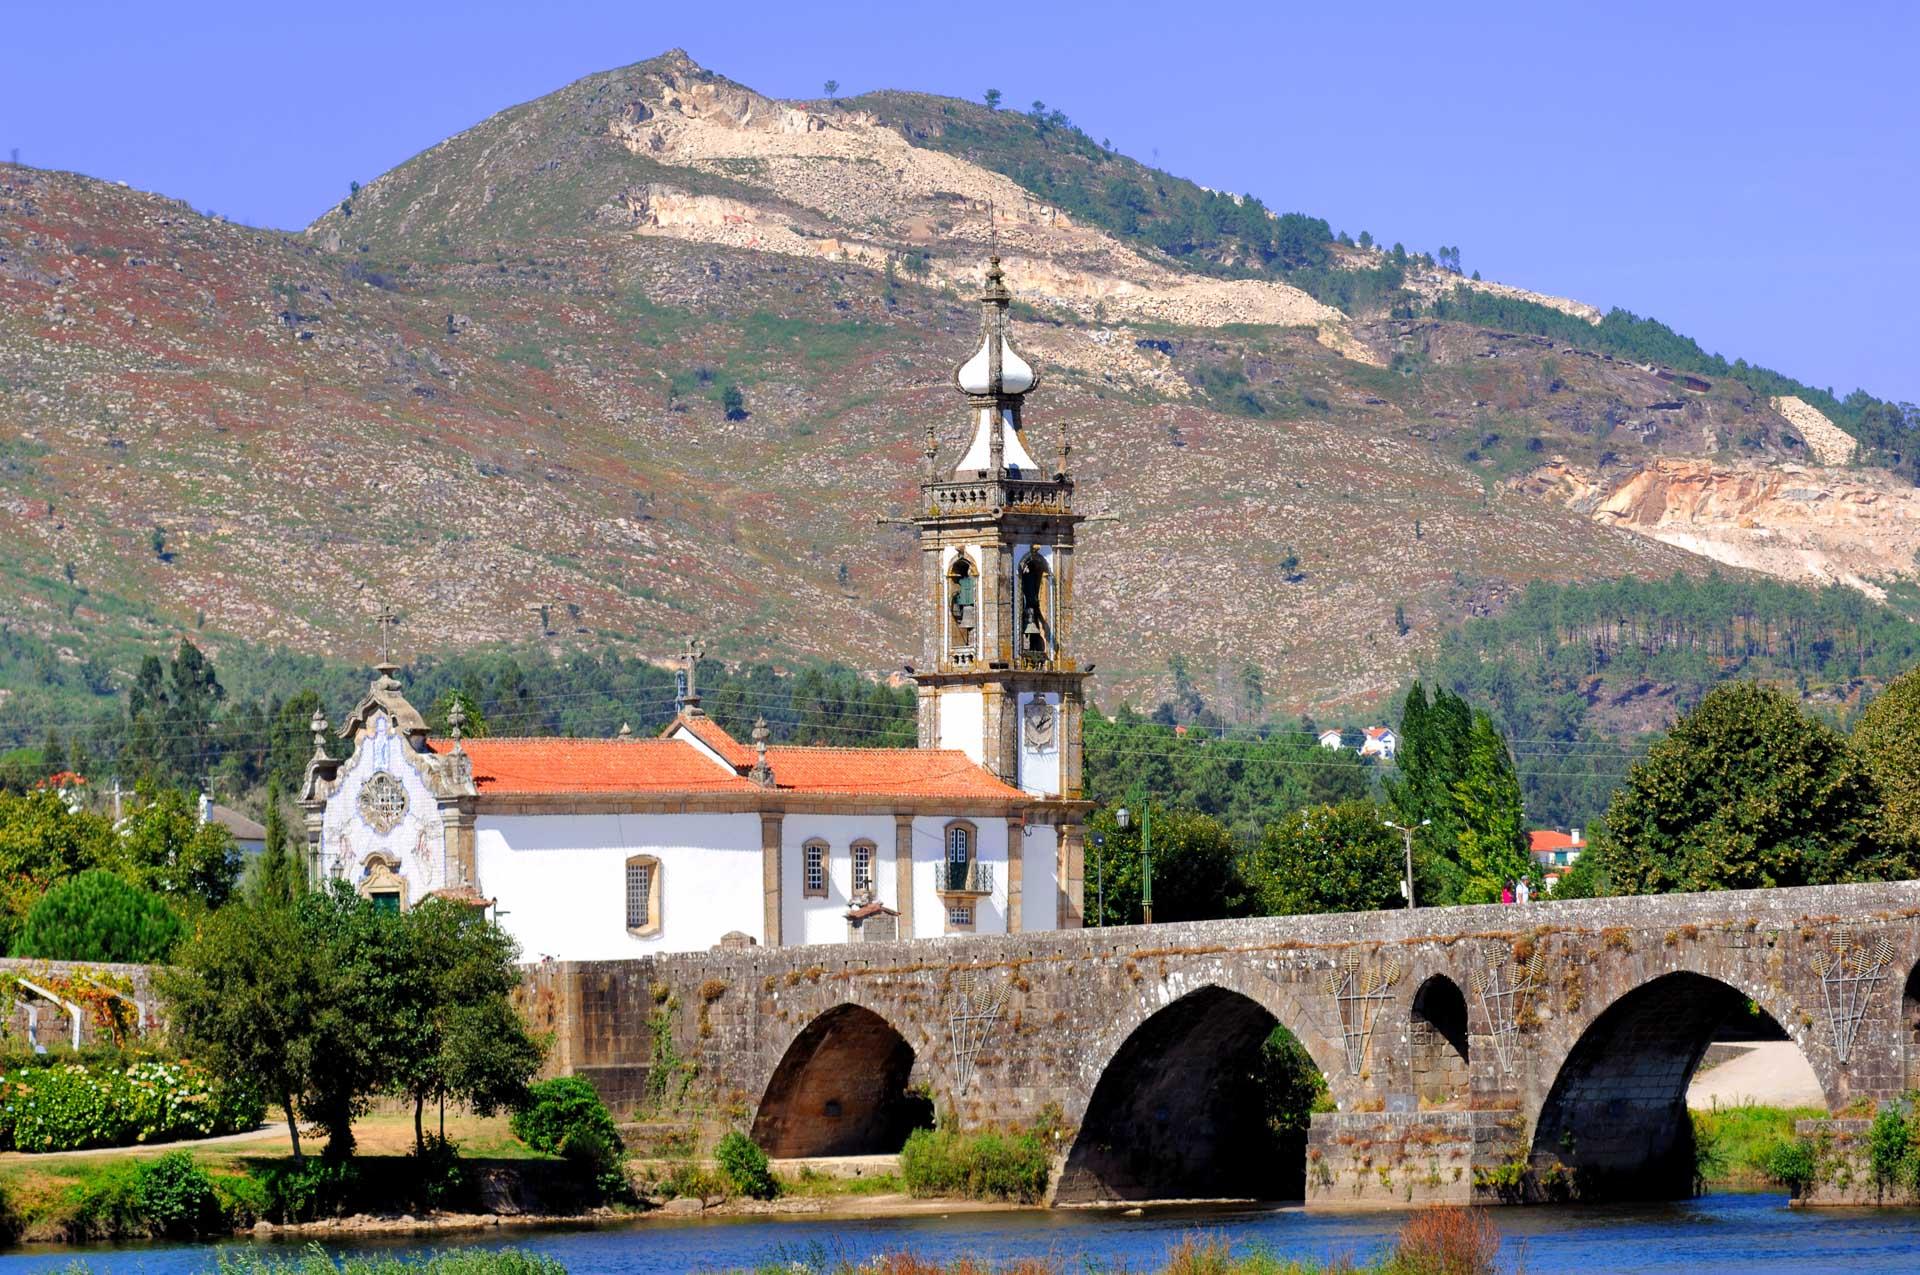 ponte-de-lima 1710